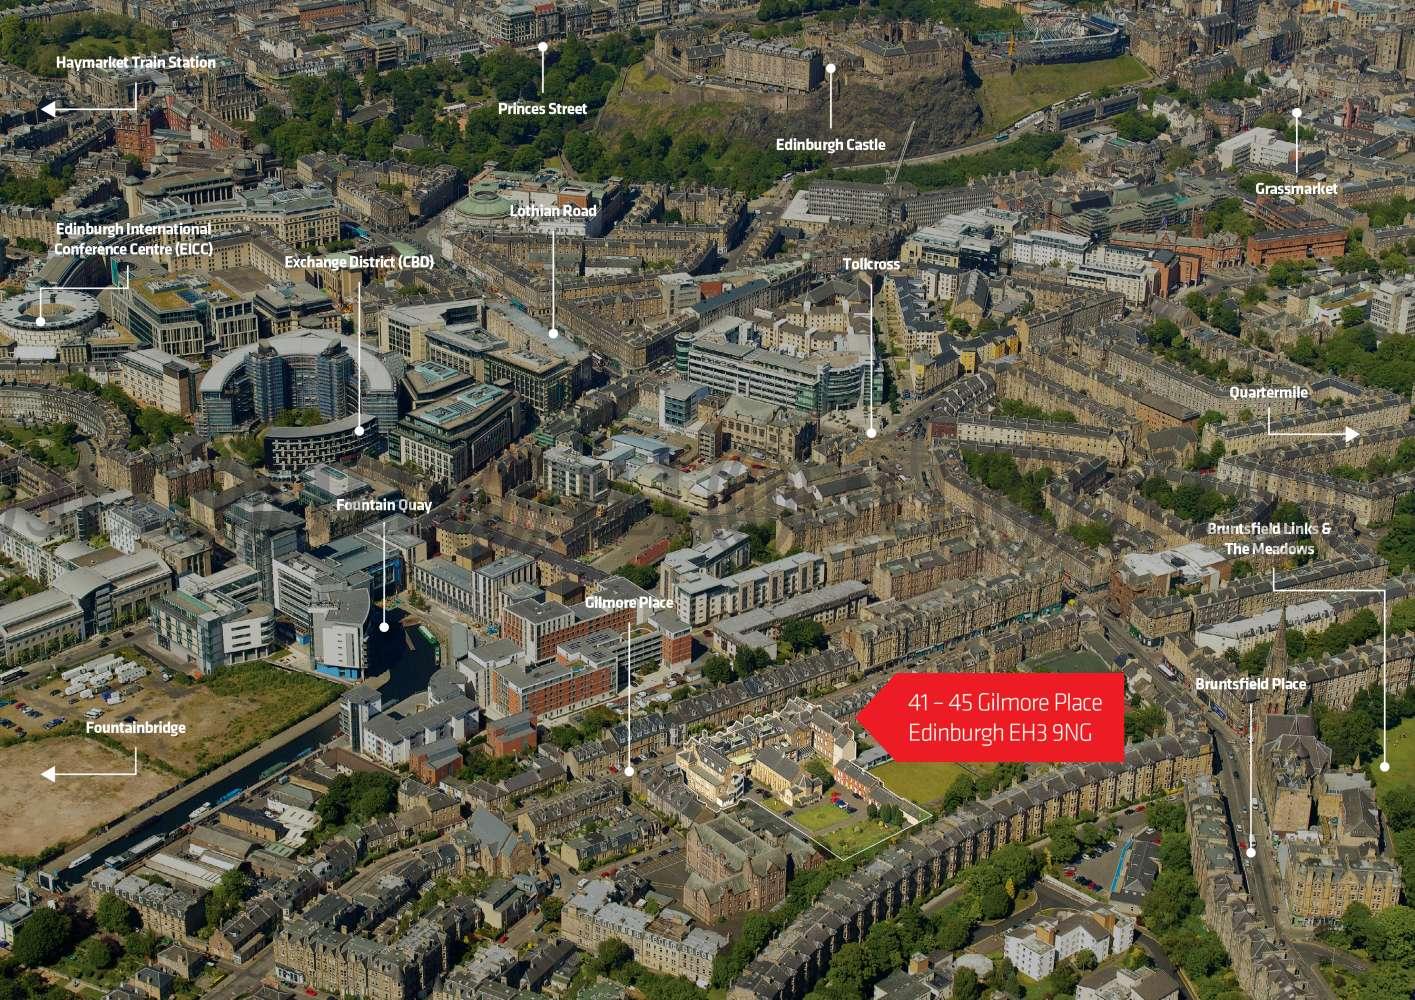 Land Edinburgh, EH3 9NG - St. Josephs House - 03429